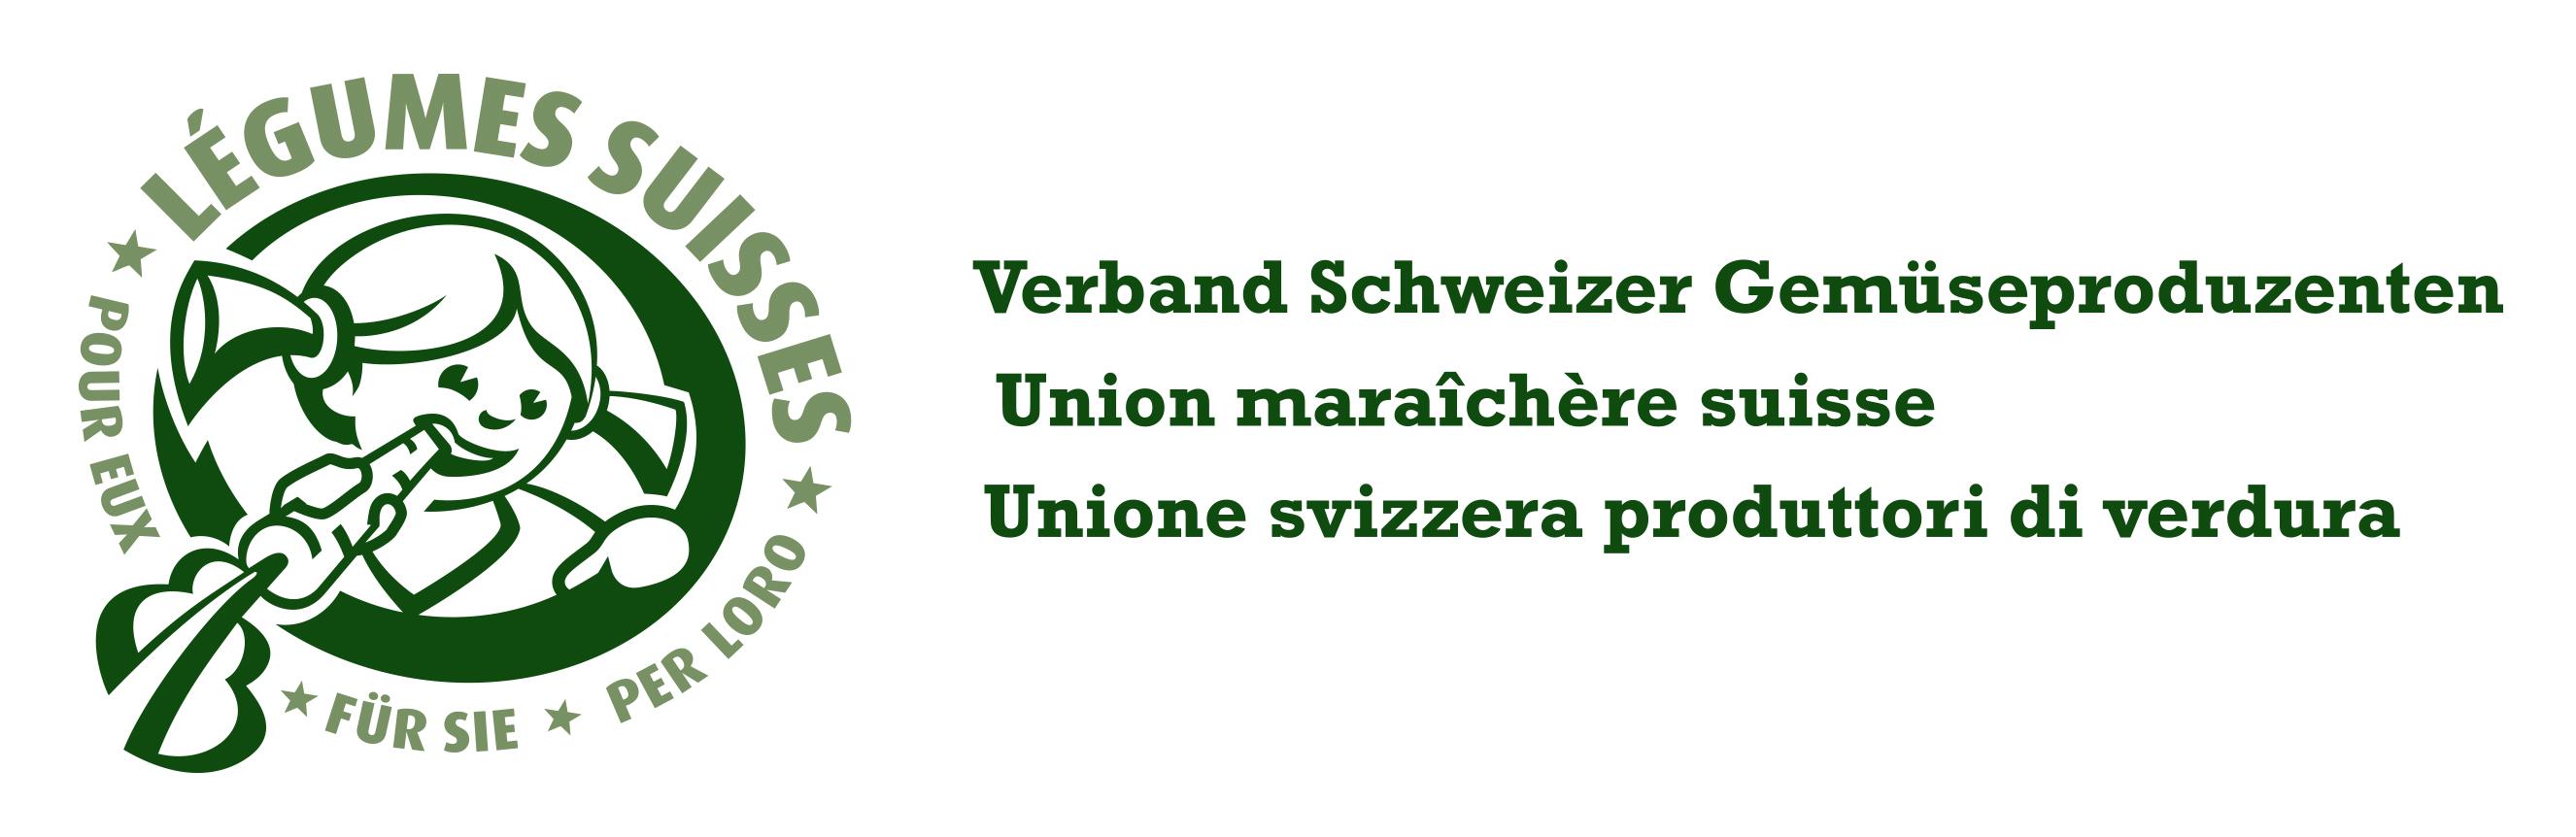 LOGO_Legumes-suisses_mit_Verbandsname.jpg